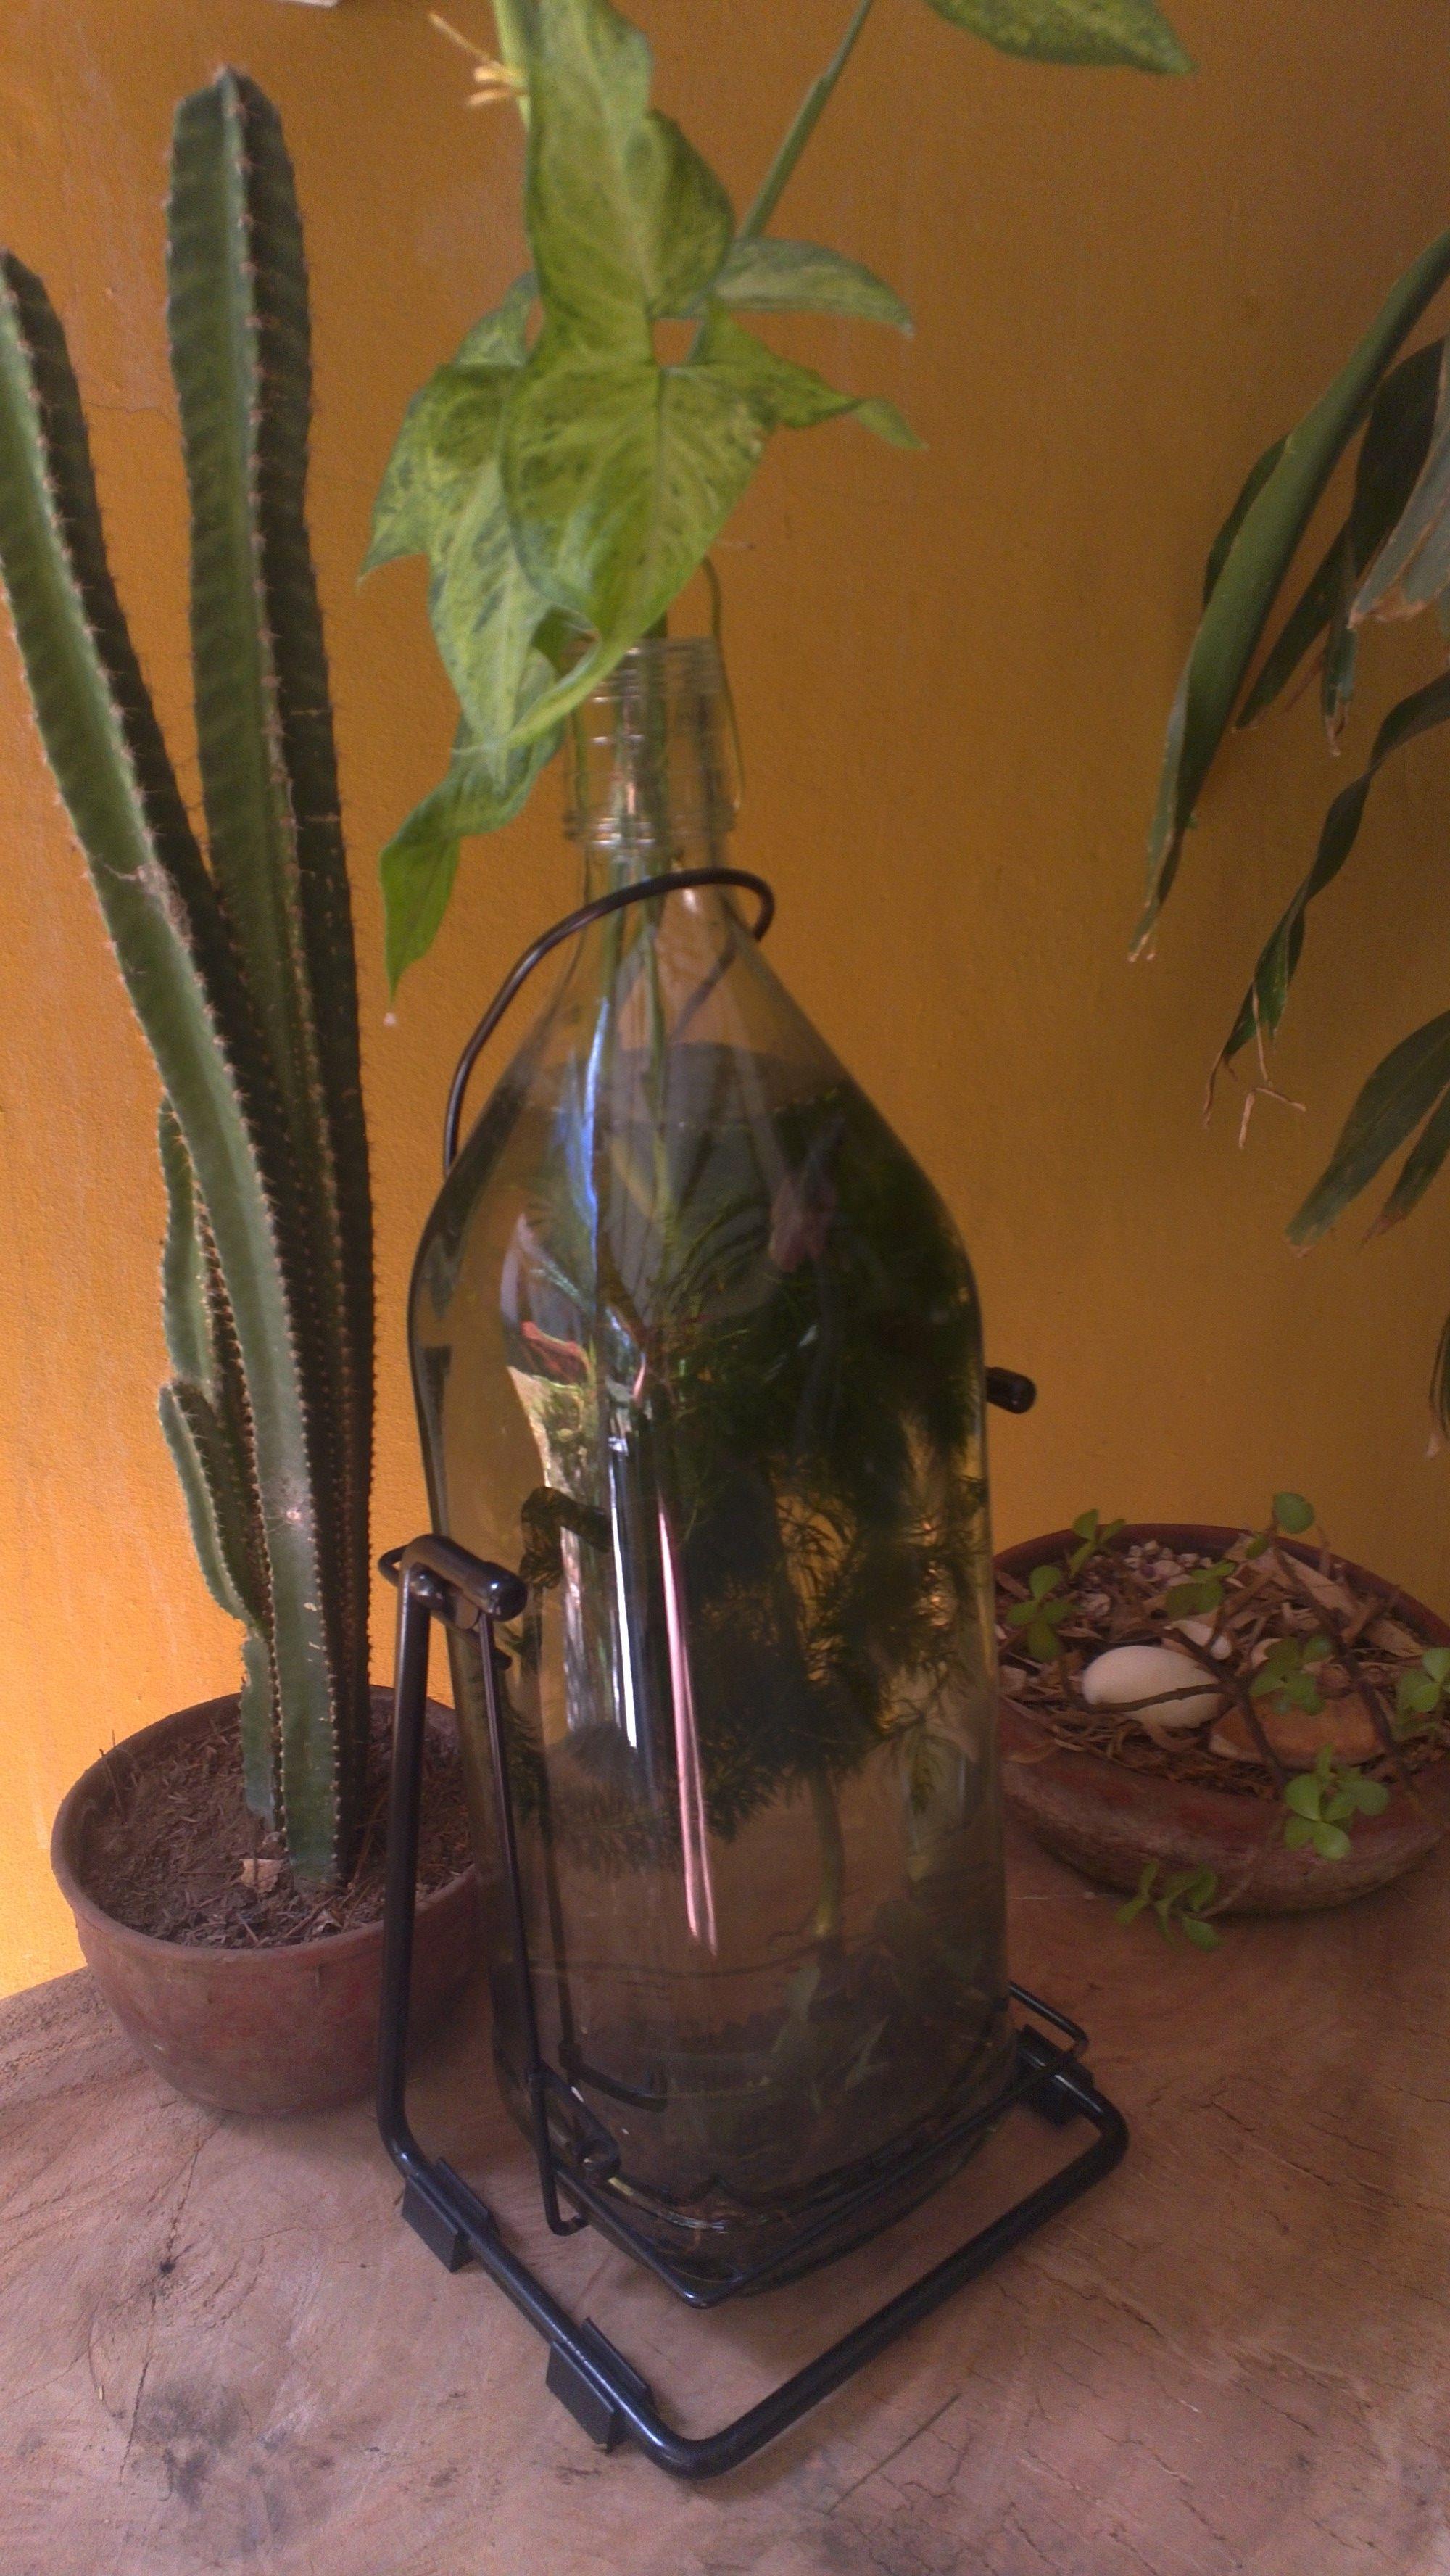 Botella de licor gigante + plantas. Acá hay un pequeño pez gallo, que vive tranquilo solo y se come los zancudos, tiene también algas para mejorar el oxígeno.